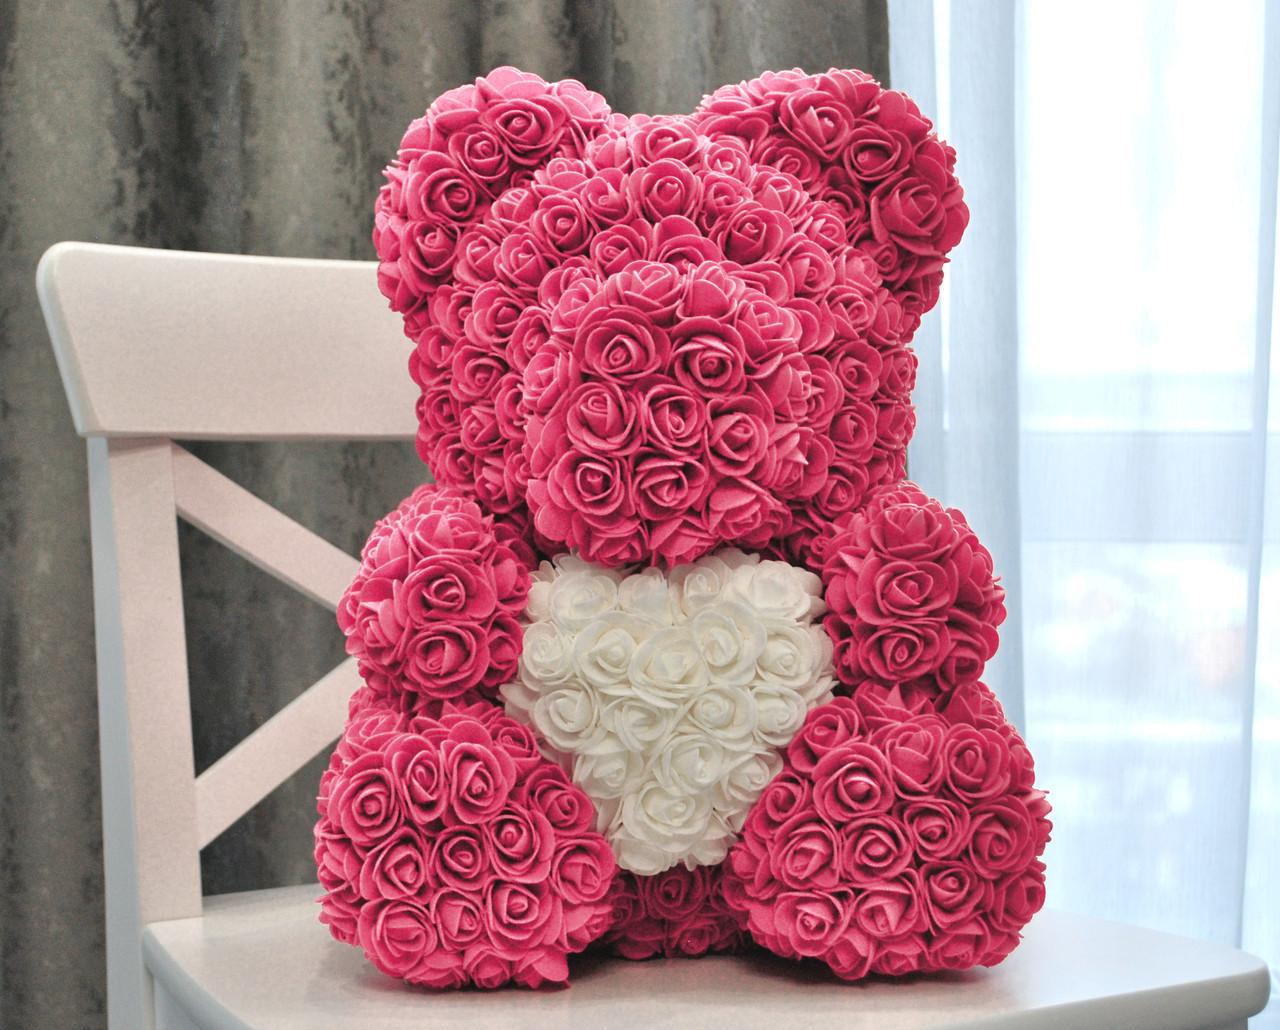 Мишка из роз с запахом, в подарочной коробке (40 см)